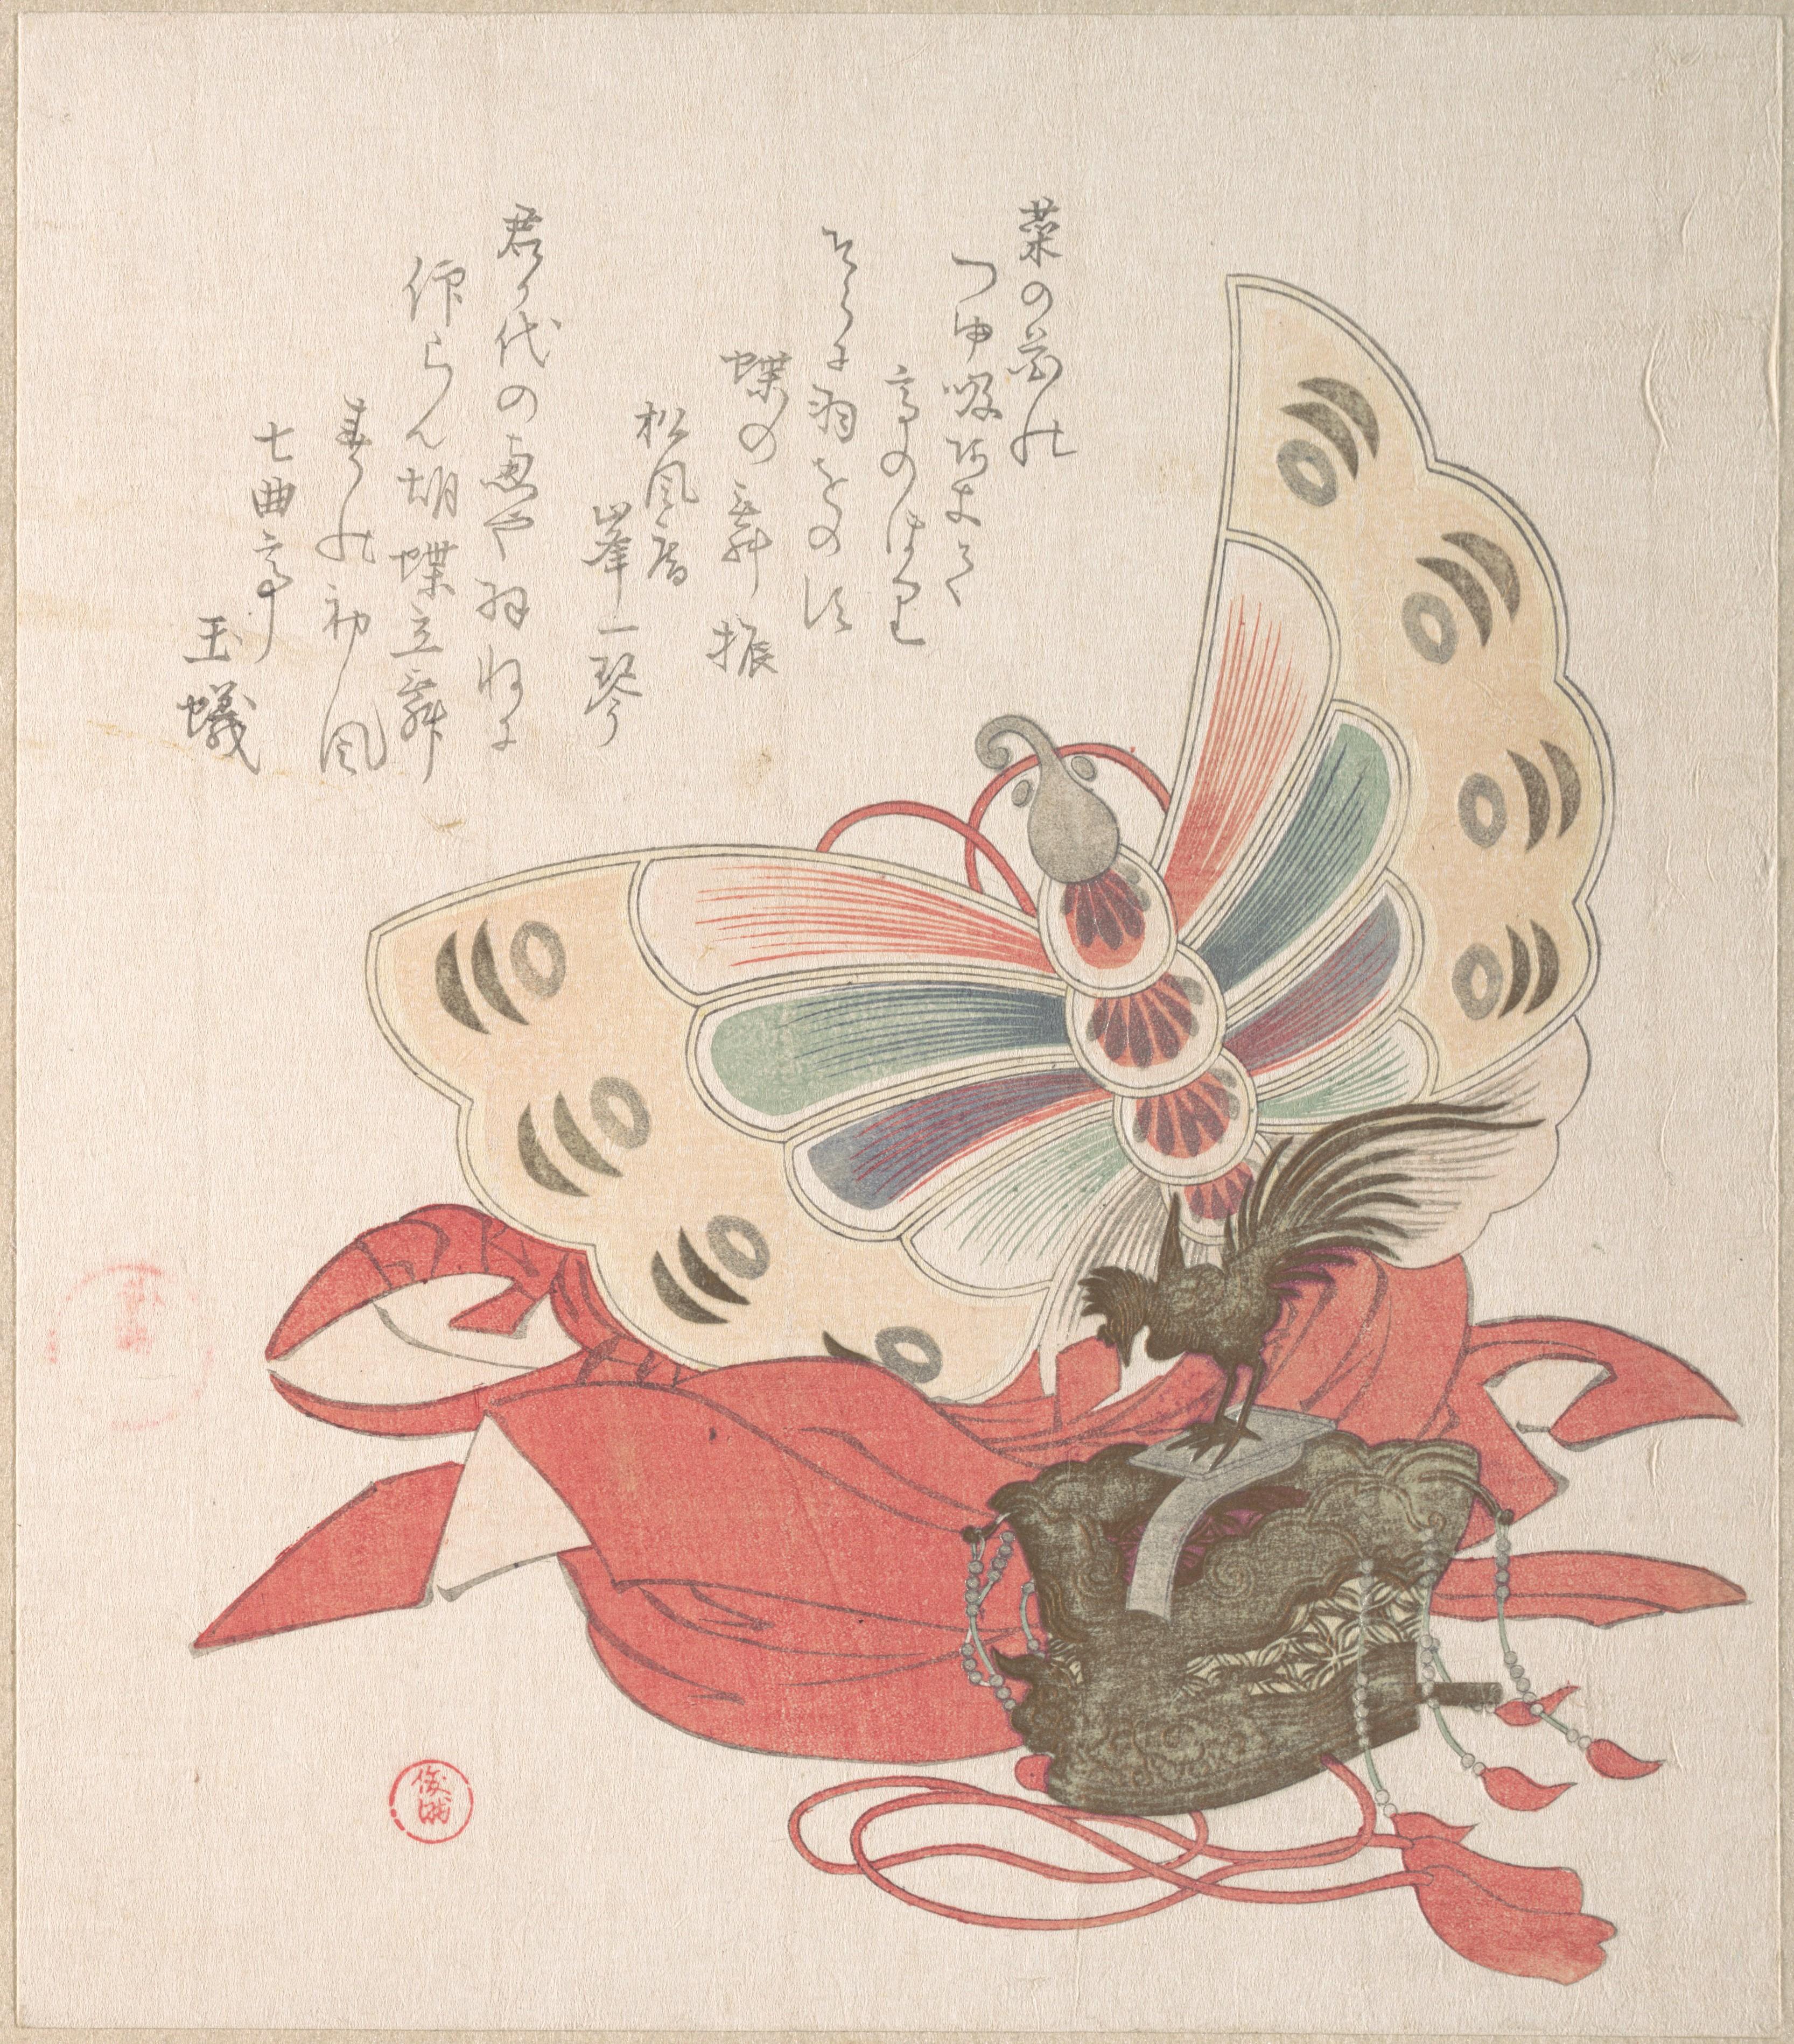 Из альбома Весенний дождь_том 2_1805-1810_Костюм для танца бабочки_211х184 мм